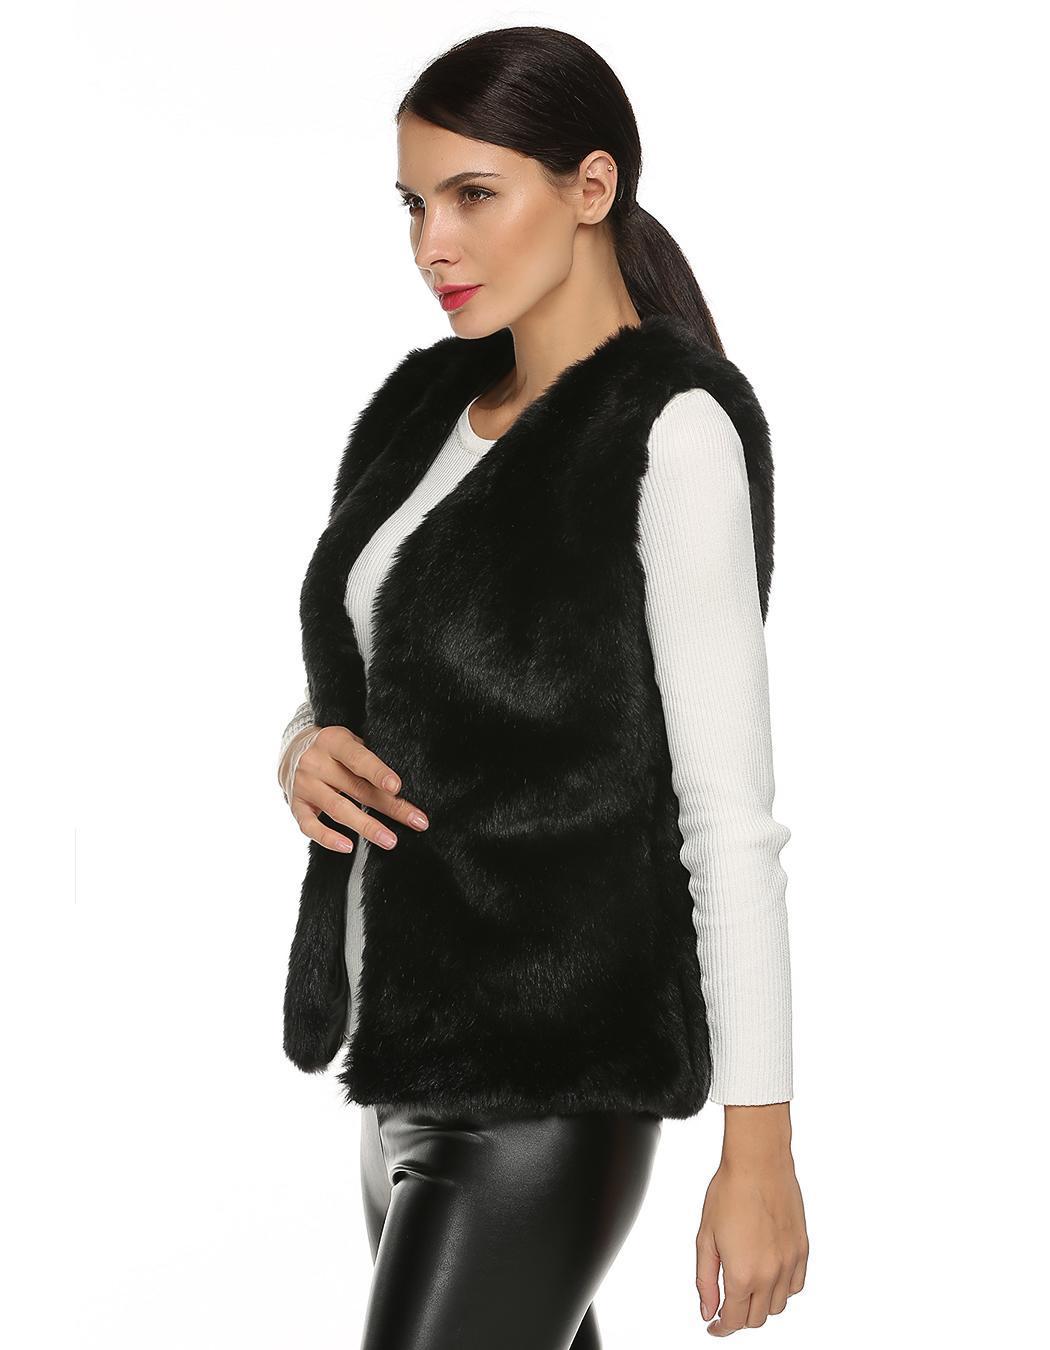 Women Sleeveless Casual Faux Fur Vest Warm Coat 0